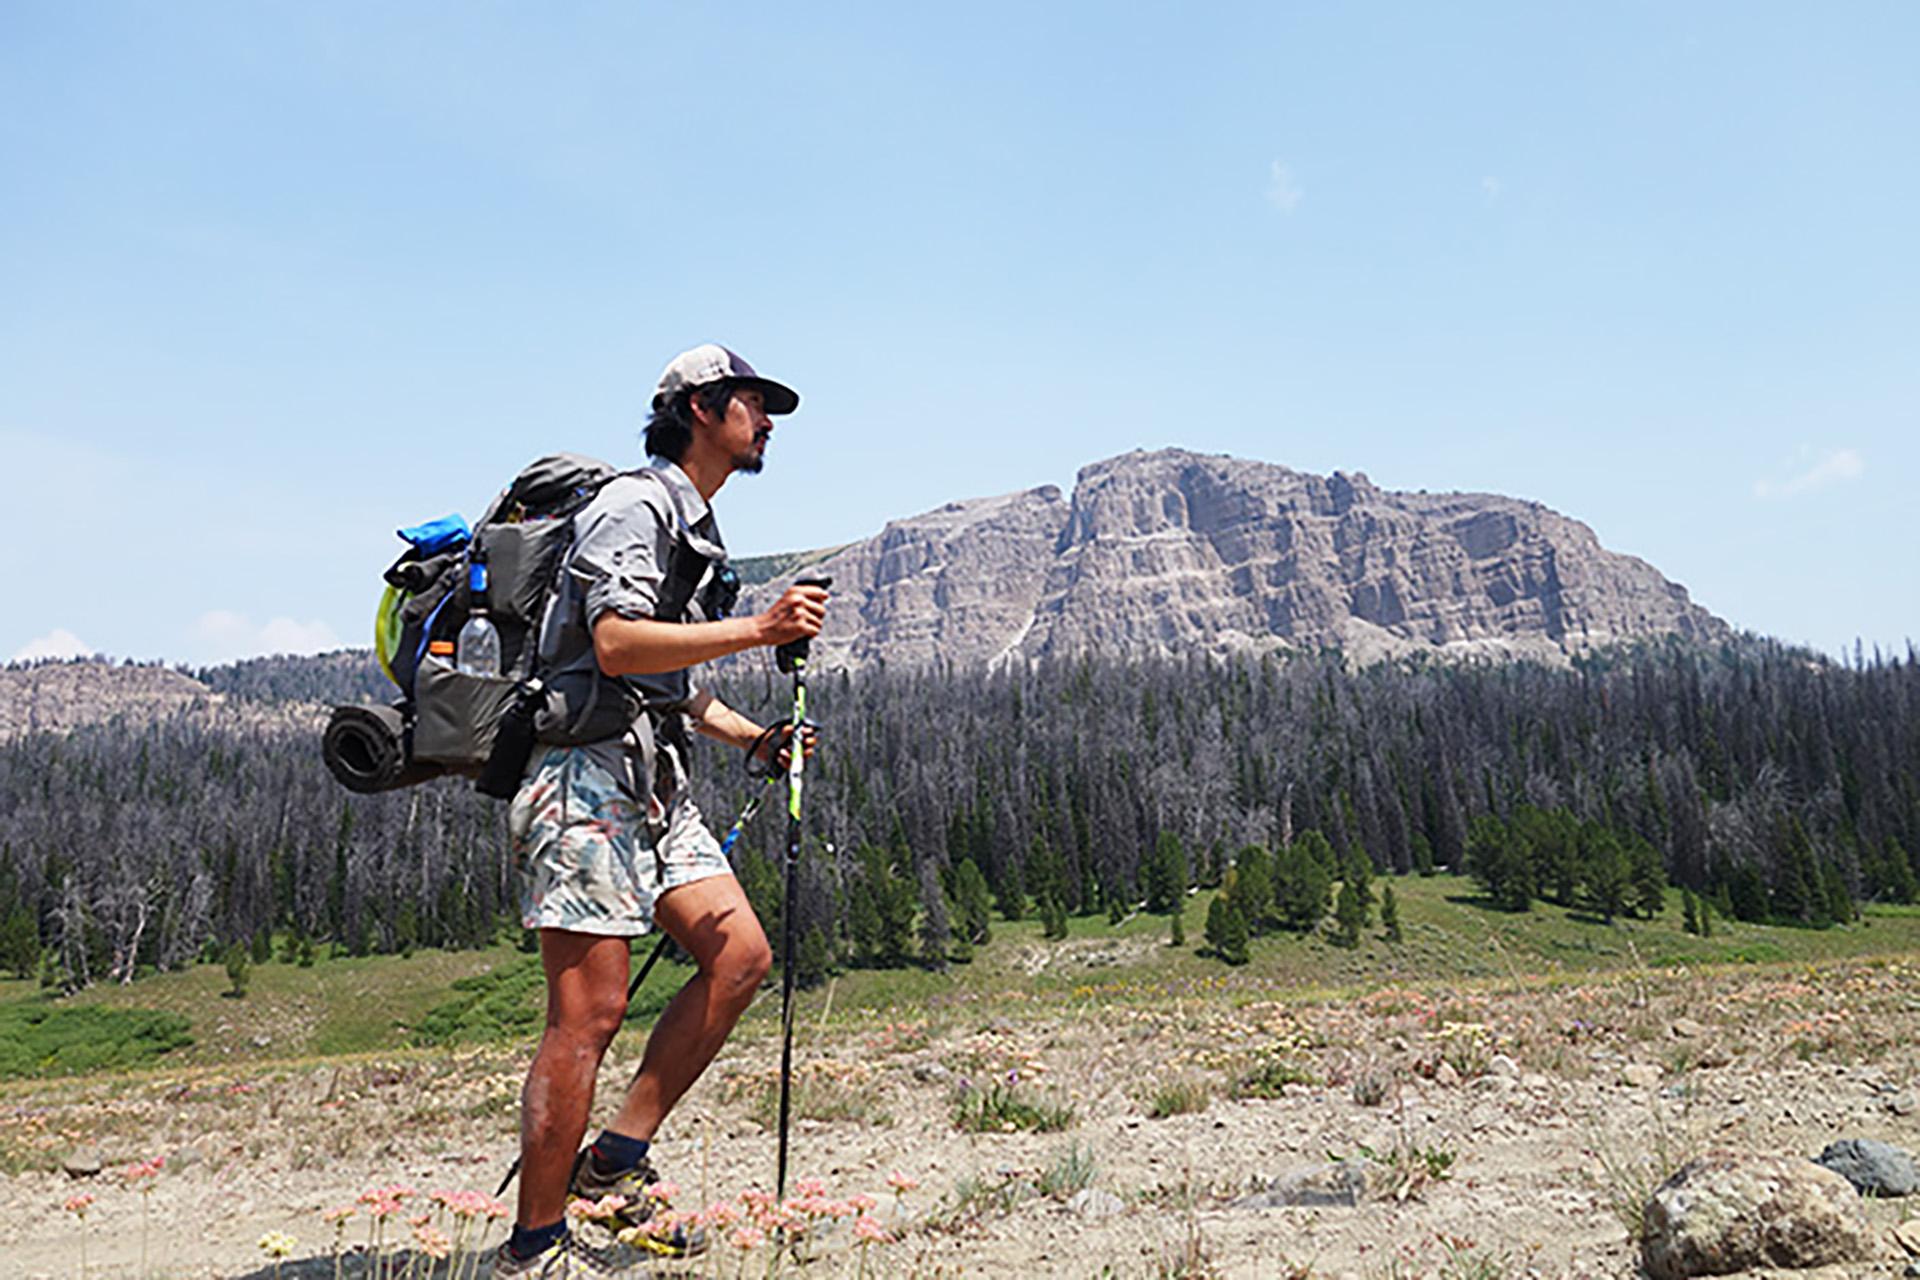 3-5 トリプルクラウナー/イラストレーター・河戸良佑氏インタビュー<br>〜ロングトレイルに必要な才能と、『アリガト山』への思い〜